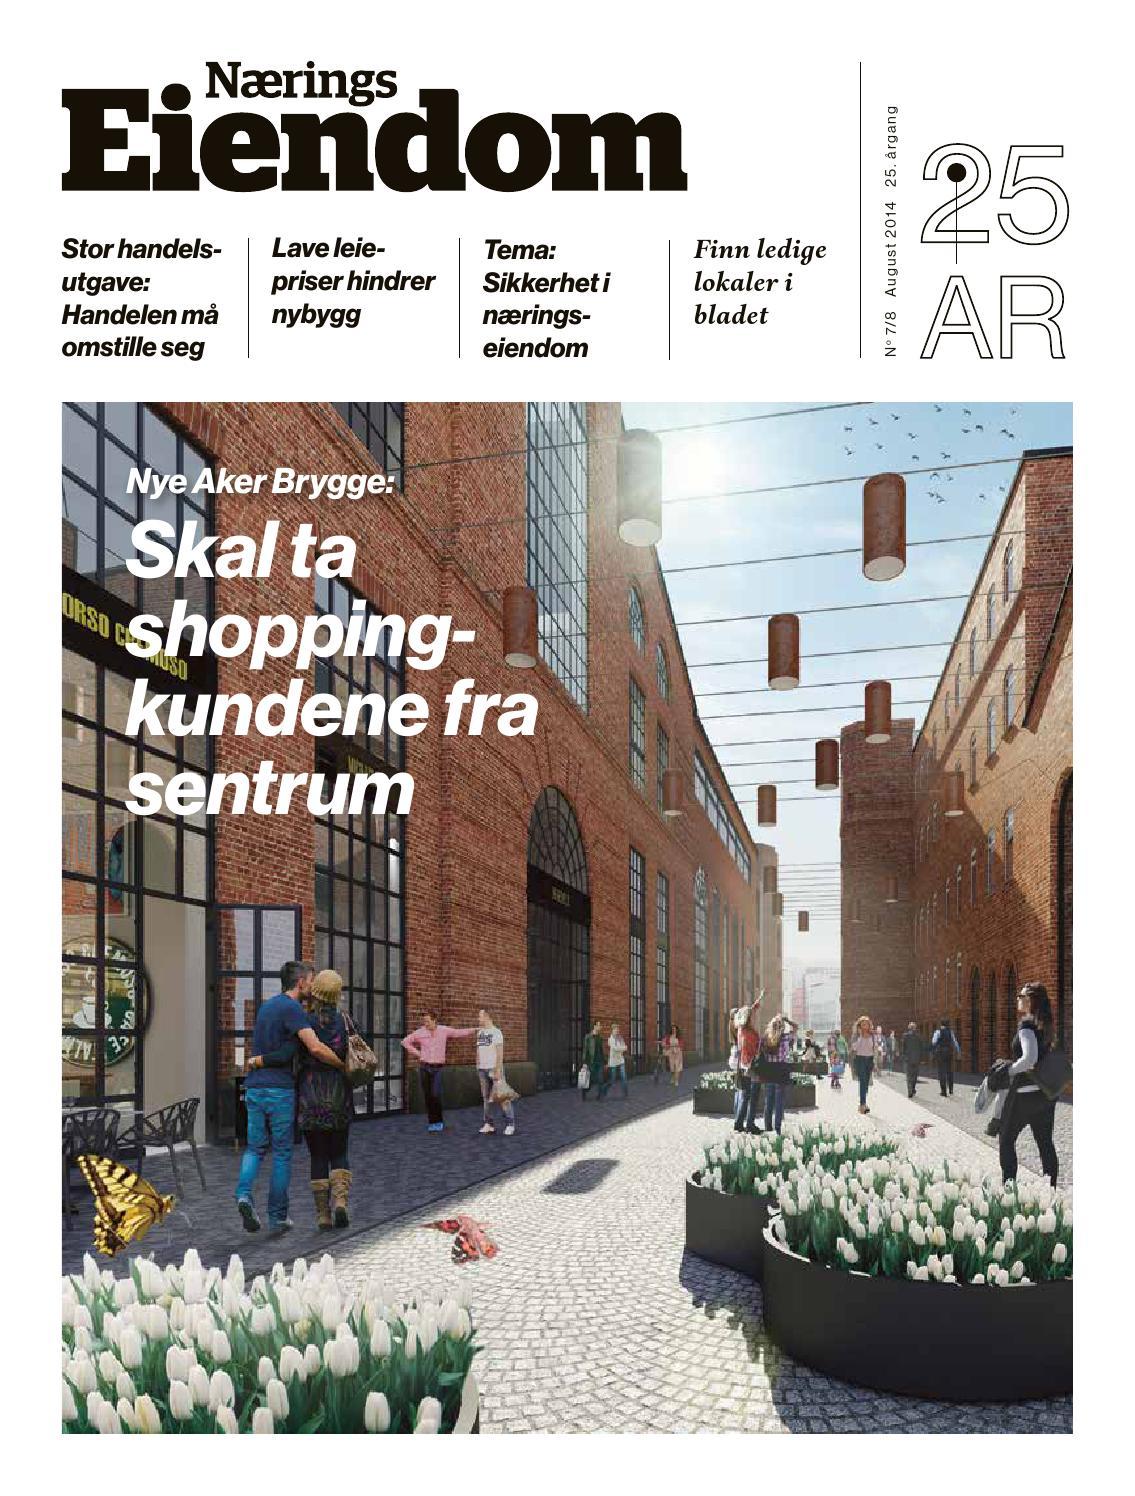 cf08be20 NæringsEiendom 08-2014 by Blake and Friends - issuu